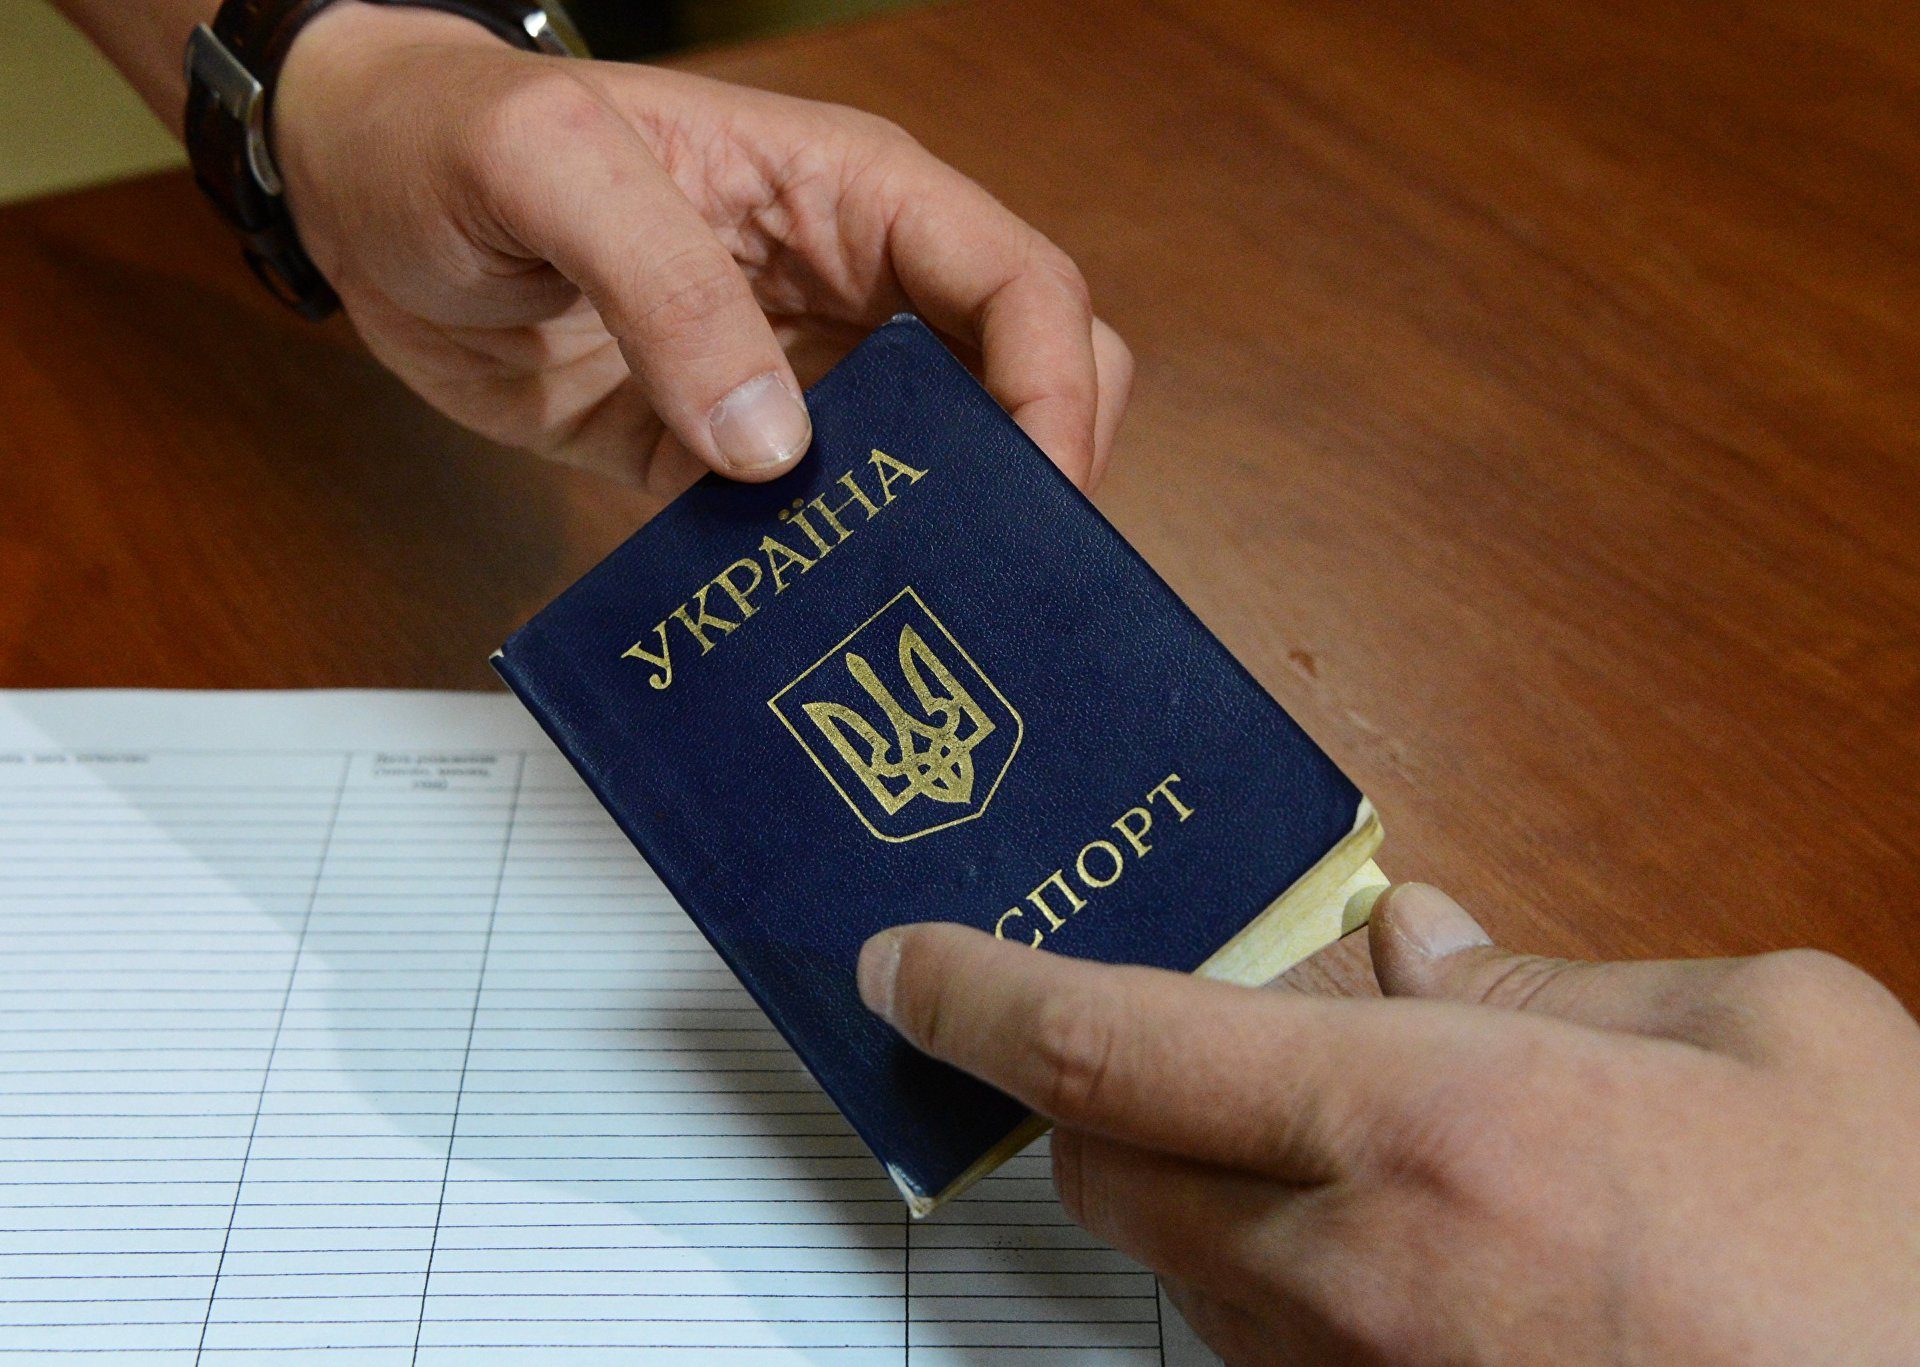 В Запорожье будут судить мужчину, взявшего бытовую технику в кредит по фальшивому паспорту